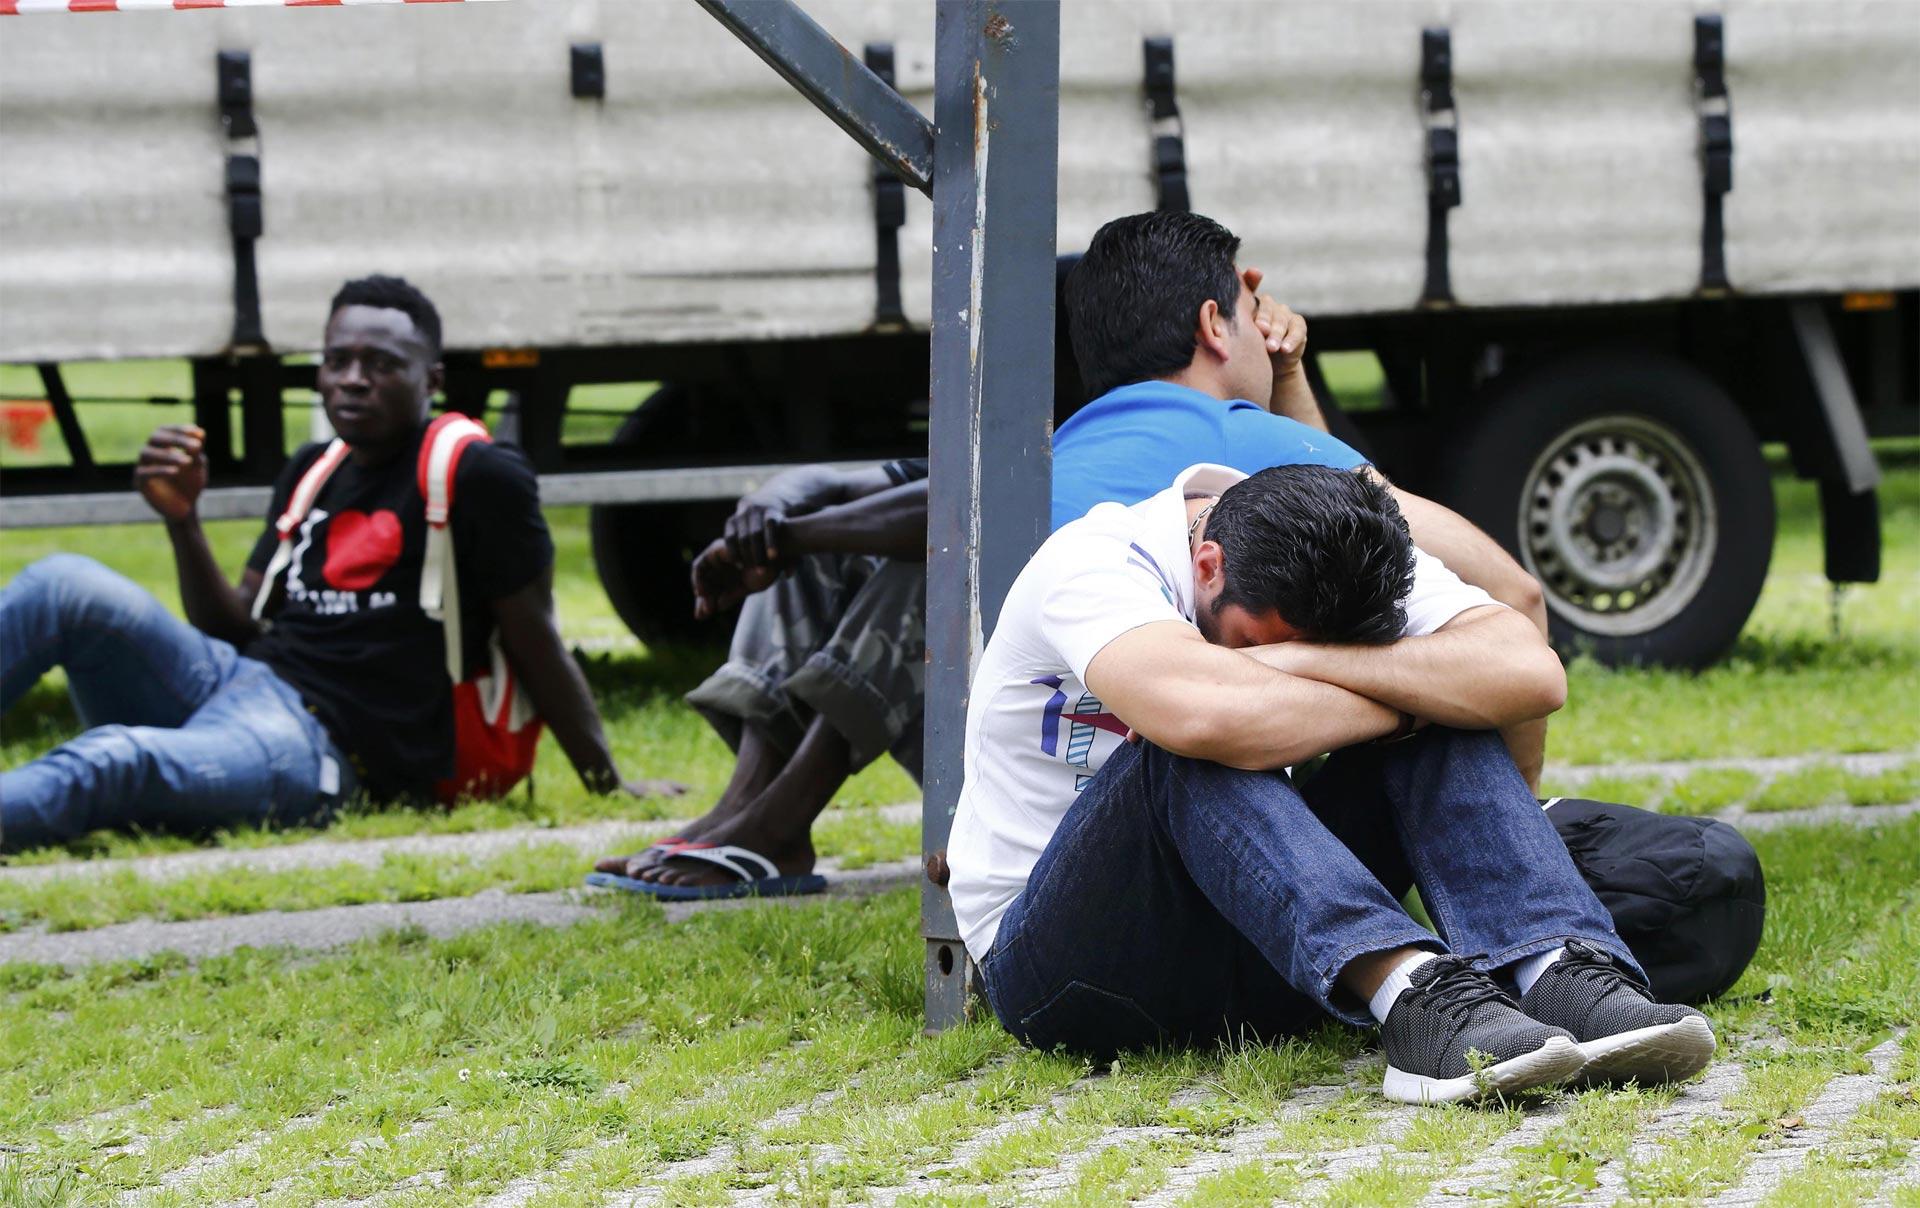 Alrededor de un 80 por ciento de los migrantes que llegaron a Alemania no tenían documentos de identidad